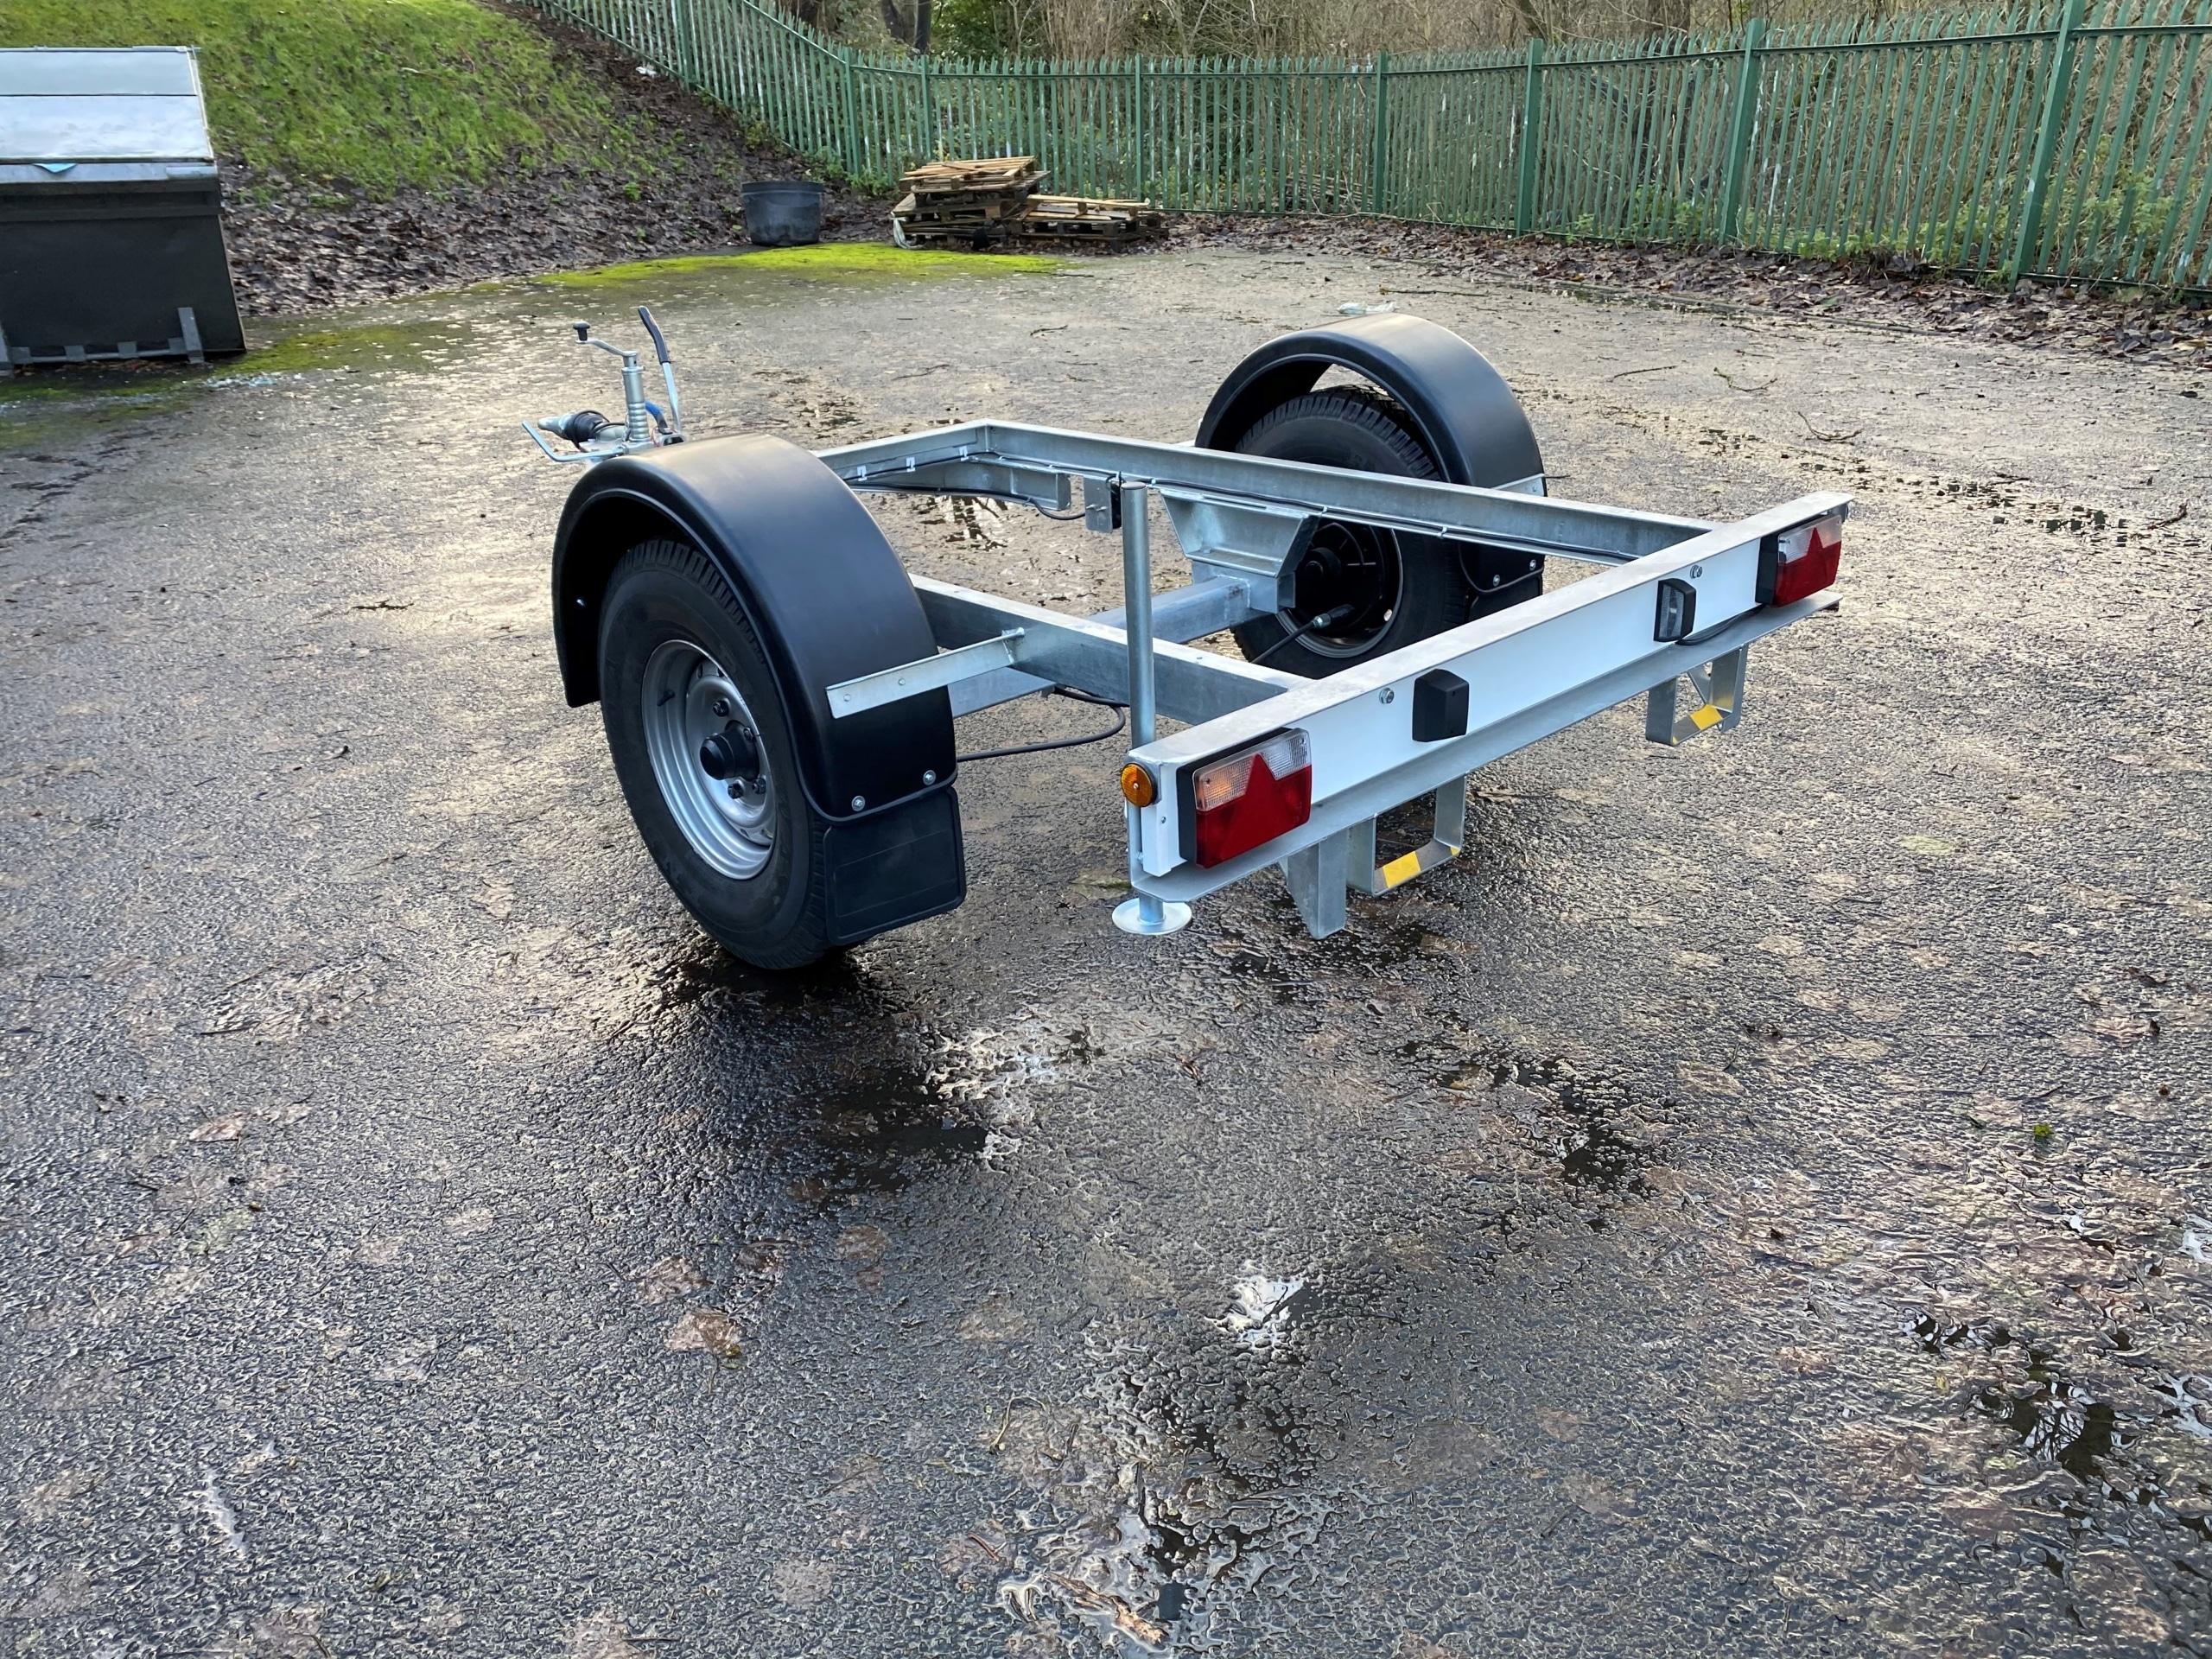 Rear 2140 Litre Fuel Bowser